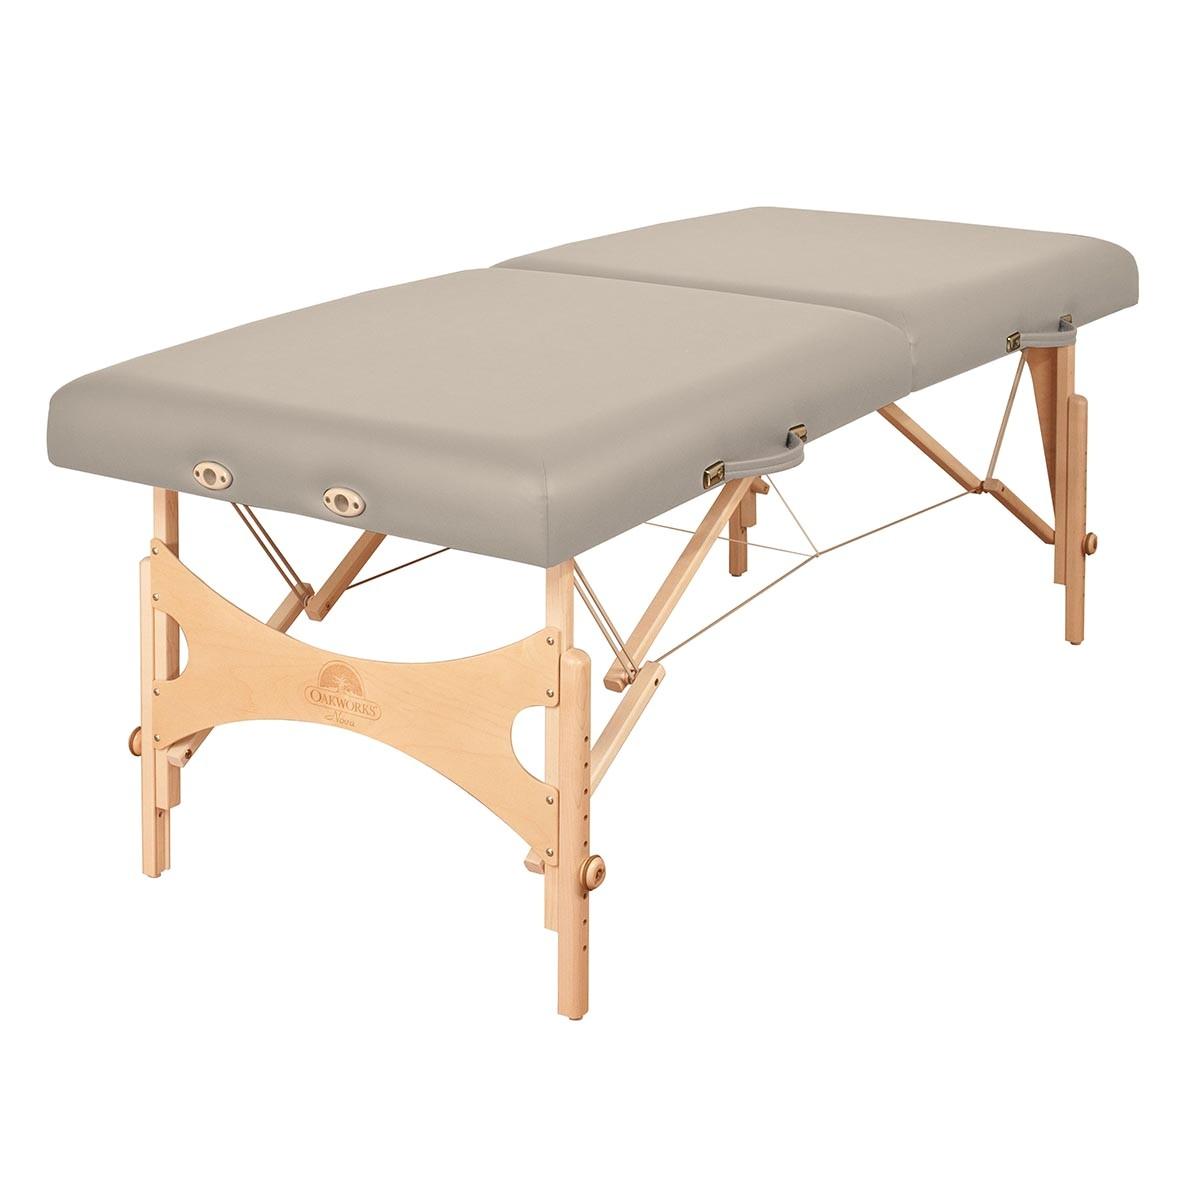 oakworks nova massage table only opal 29 w60701op2 31254 t12 p 944 21319